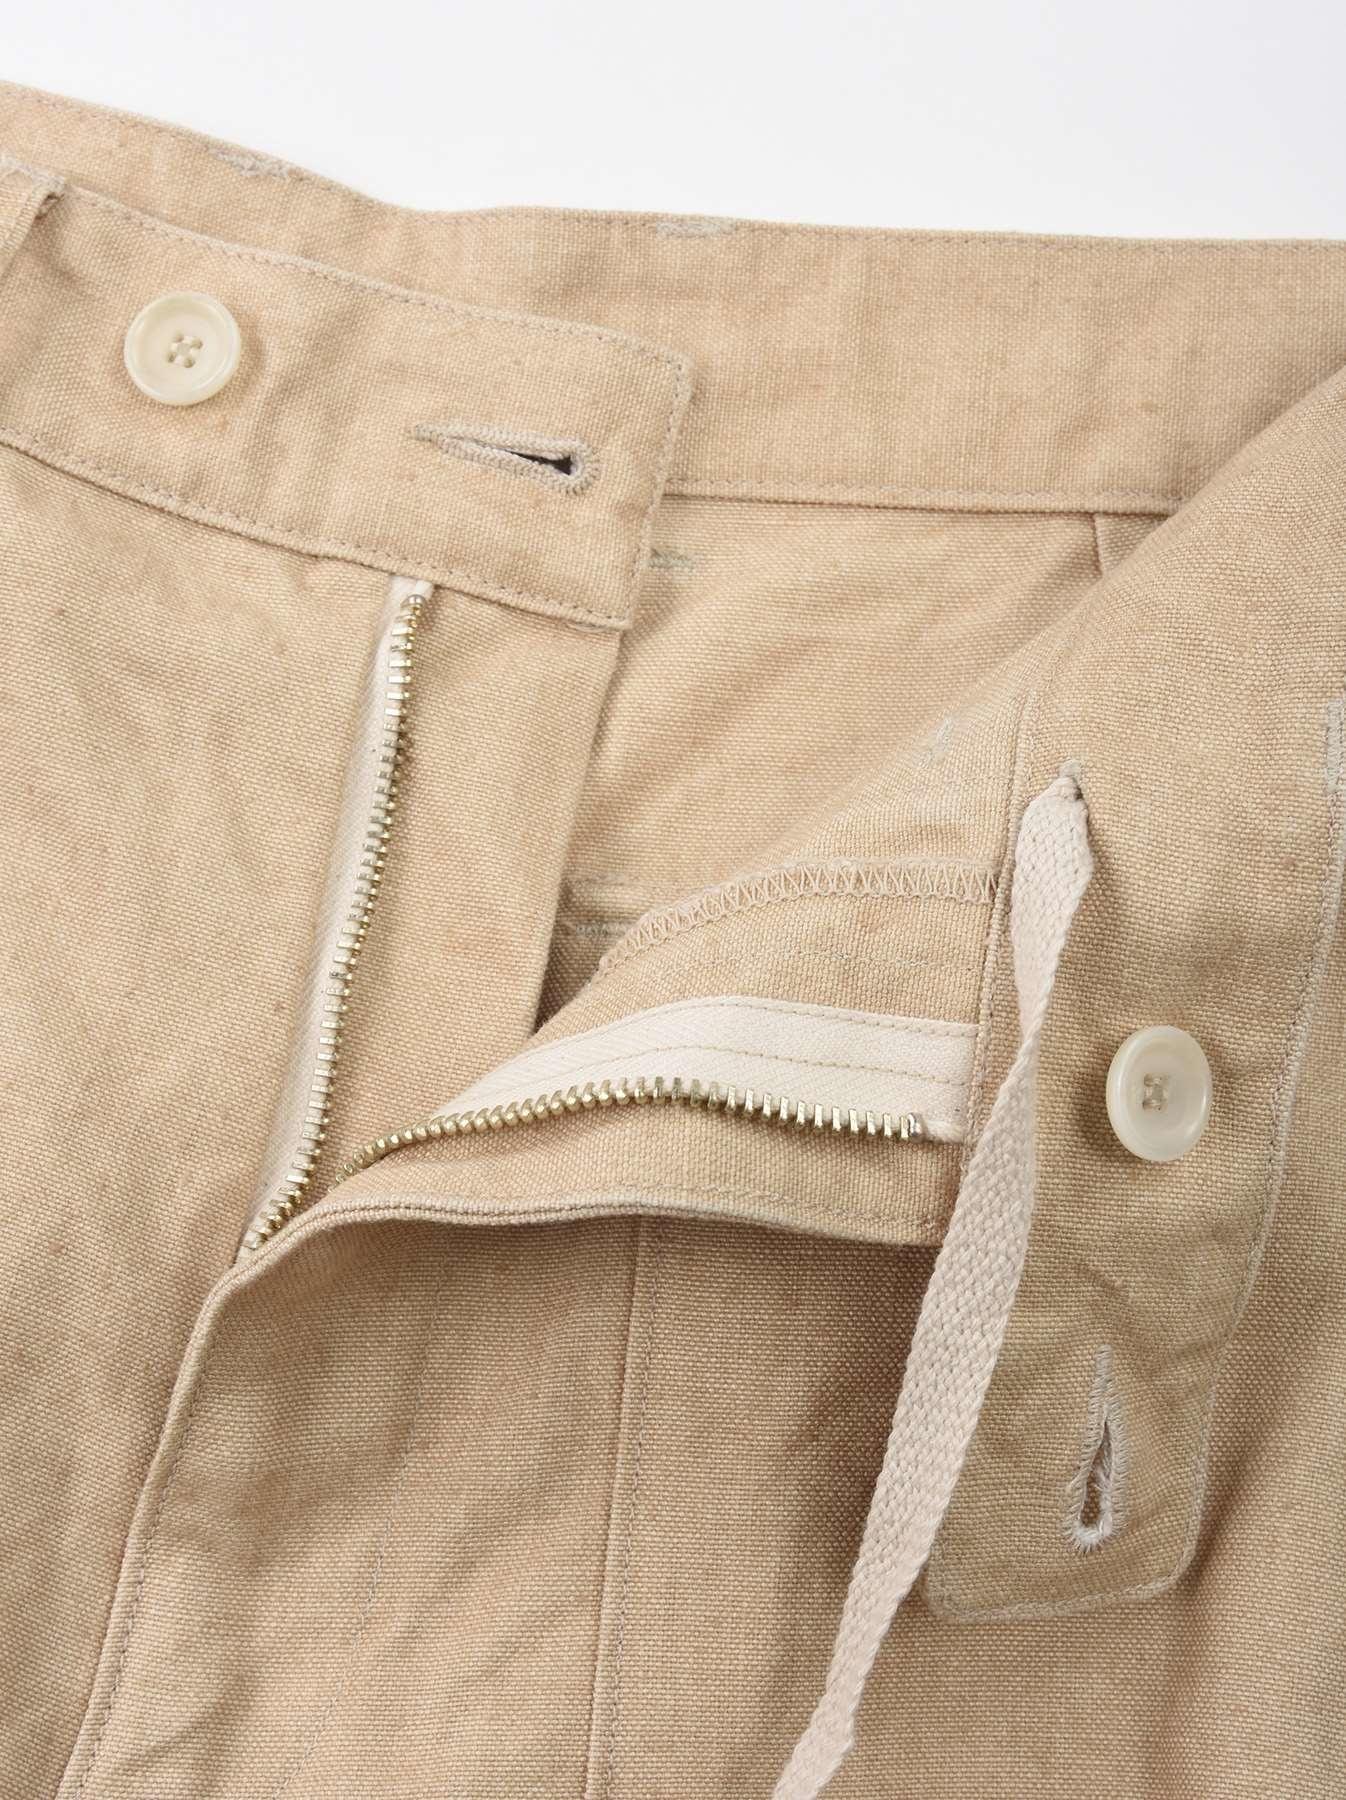 Linen Duck 908 Baker Pants-11